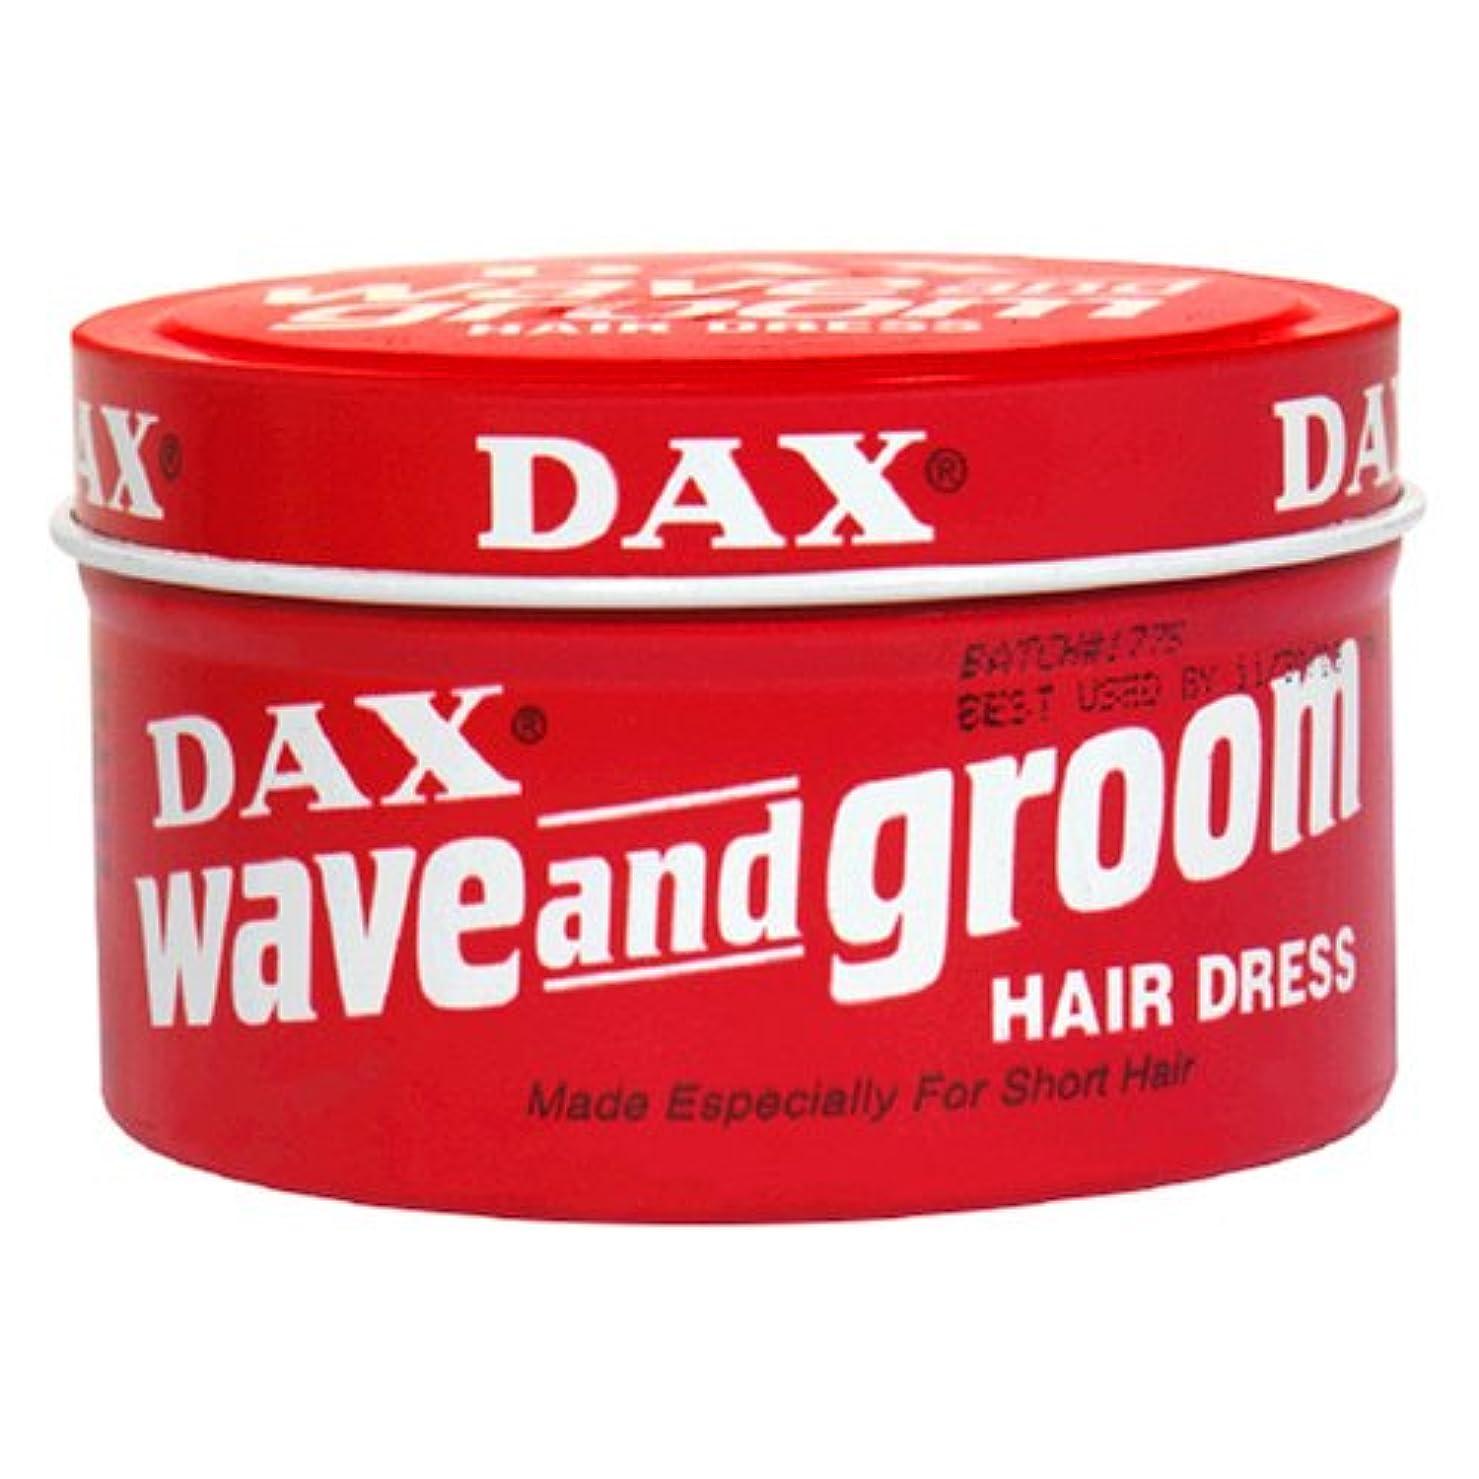 挨拶特殊実行するDax Wave & Groom Hair Dress 99 gm Jar (Case of 6) (並行輸入品)